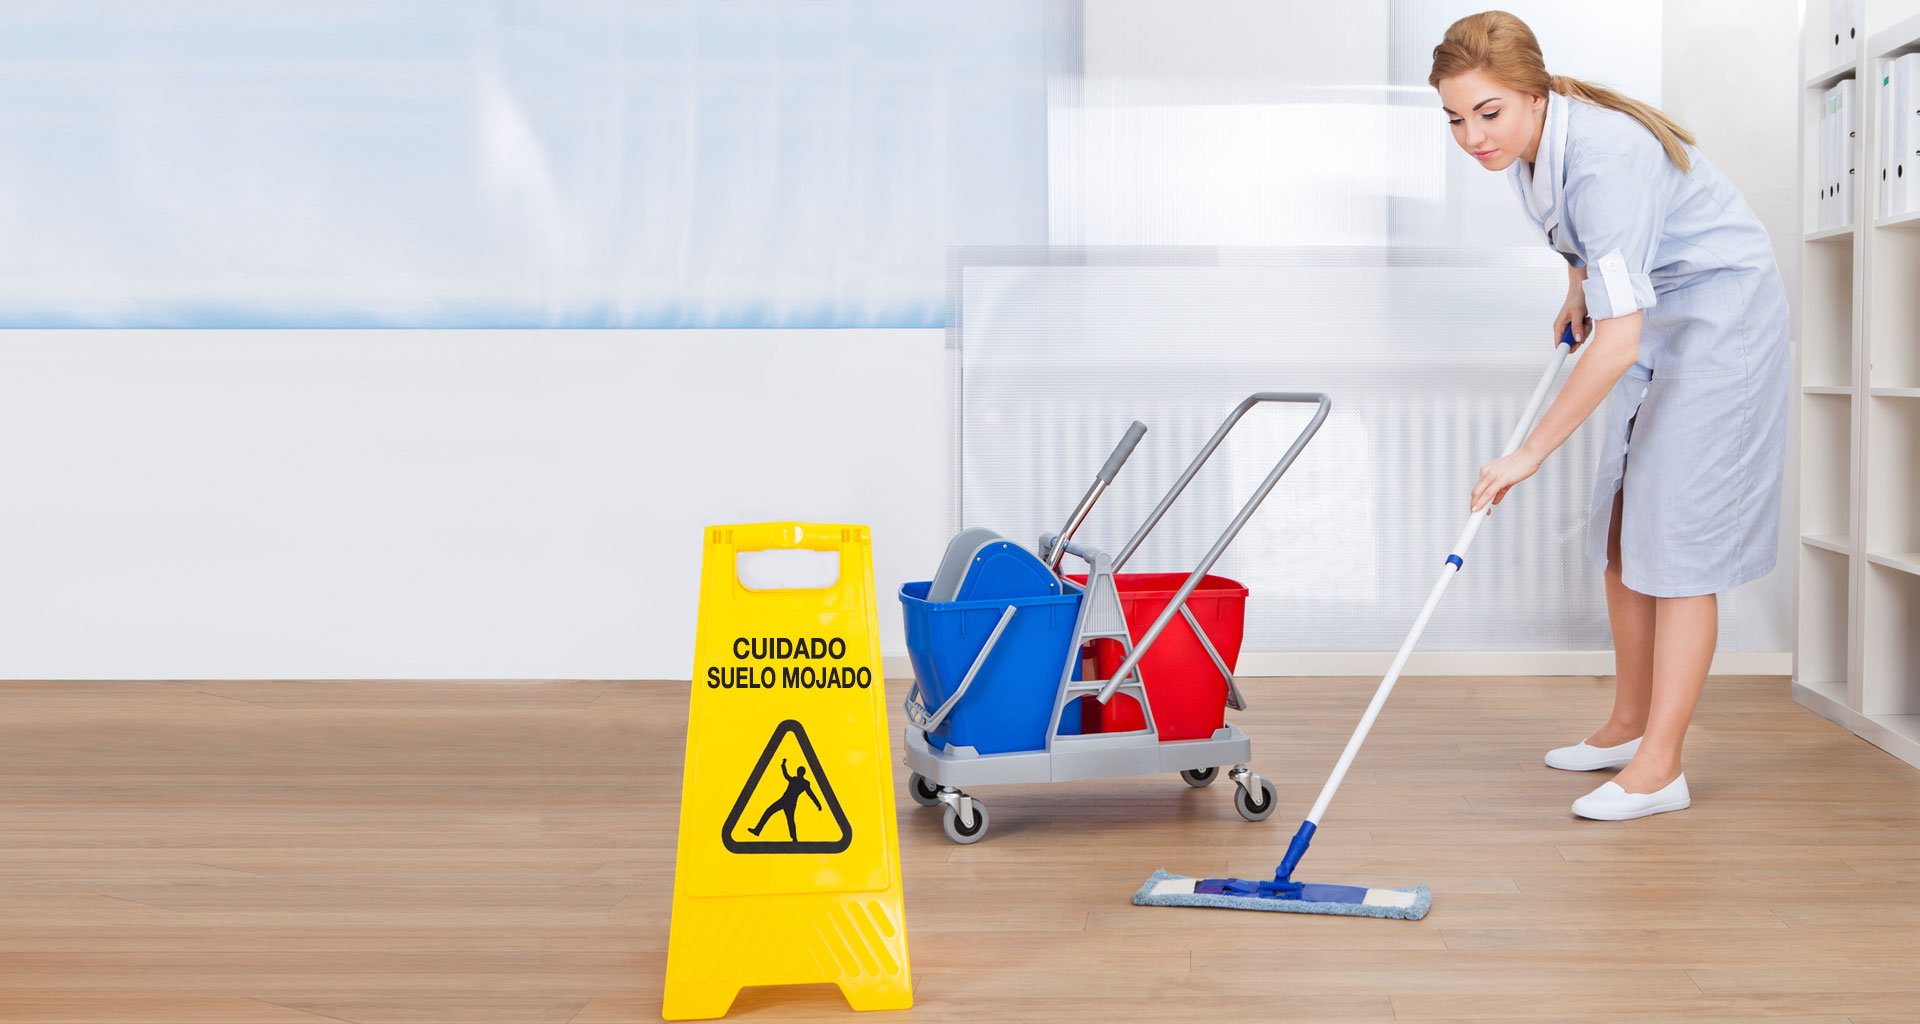 Como utilizar correctamente la lej a y amon aco for Empresas de limpieza en toledo